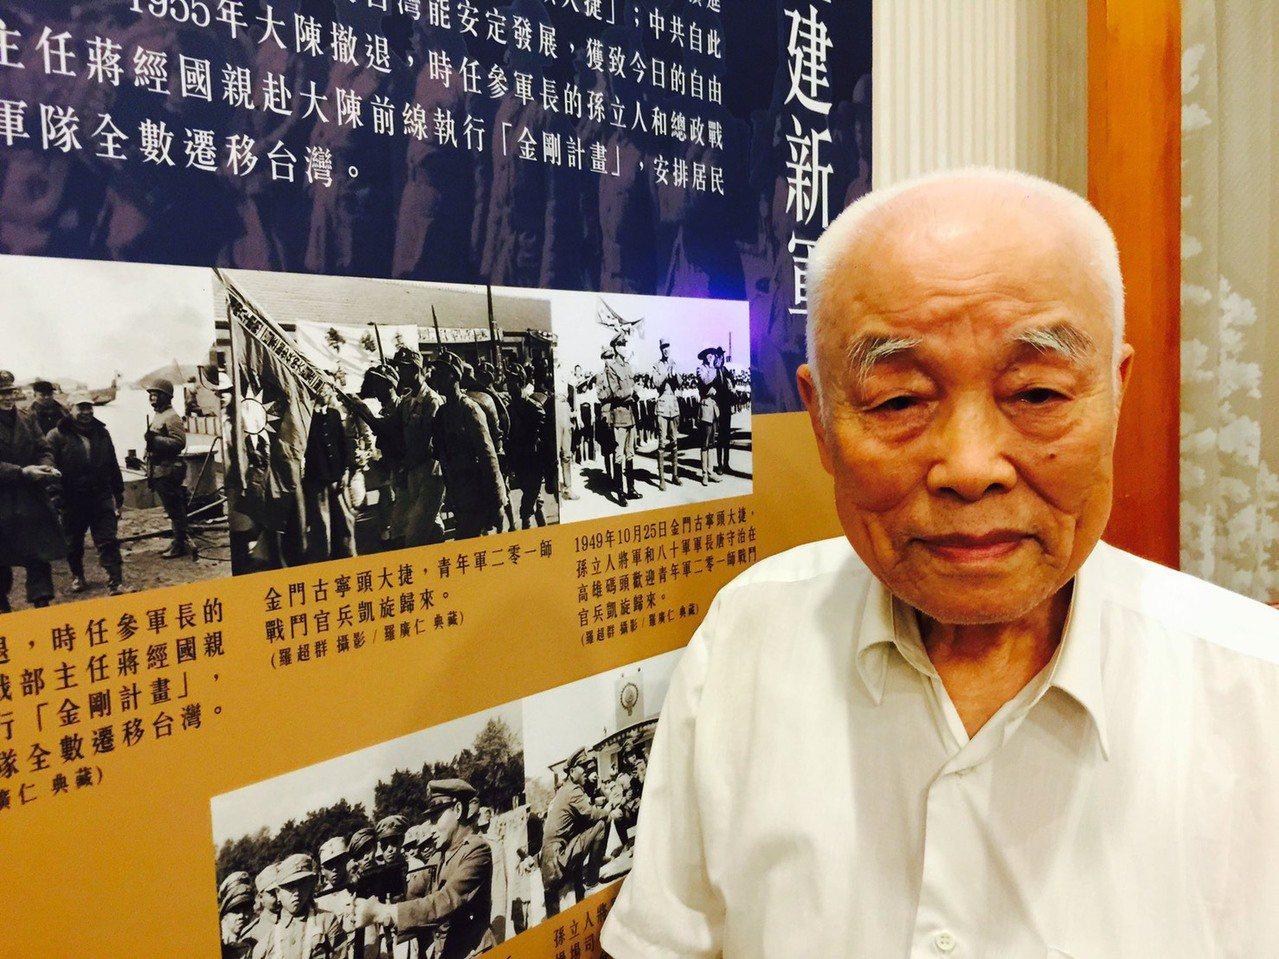 當年201師少尉偵察官饒彥夫。羅廣仁提供